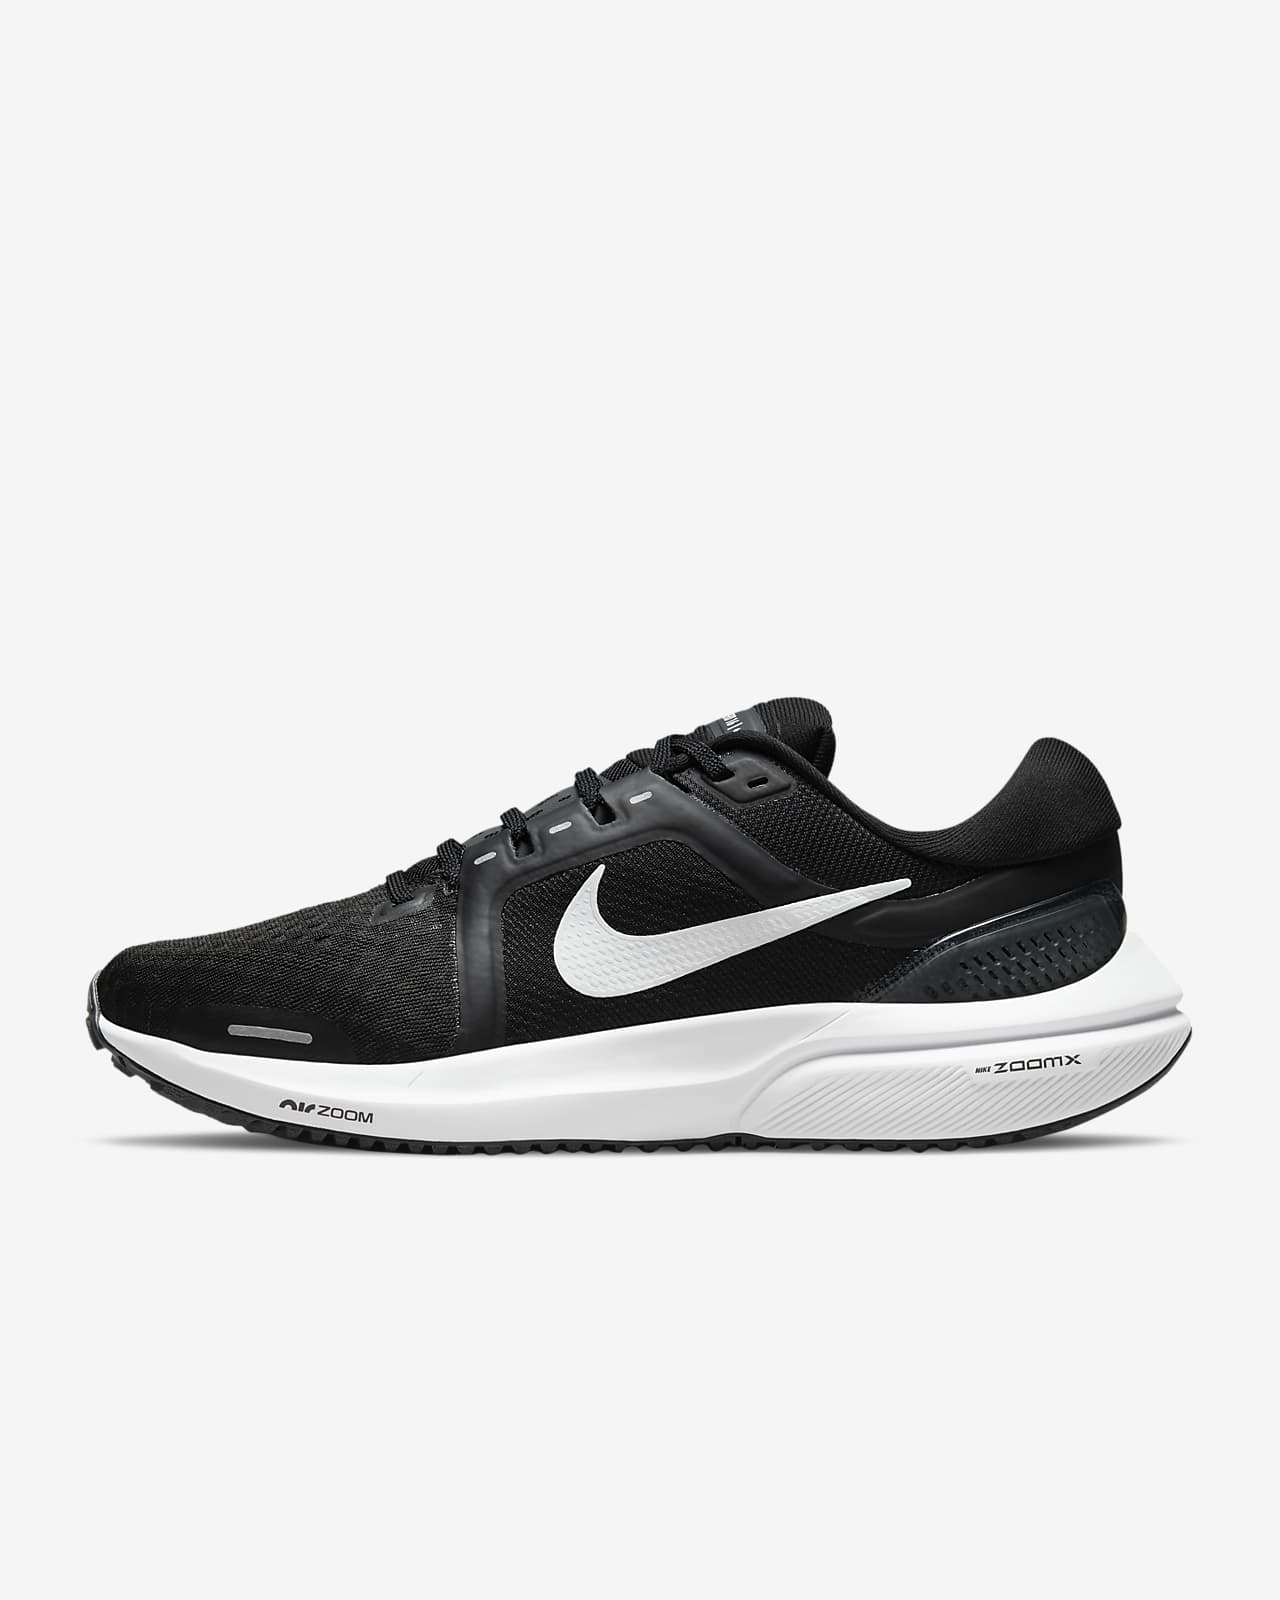 Nike Air Zoom Vomero 16 Kadın Yol Koşu Ayakkabısı